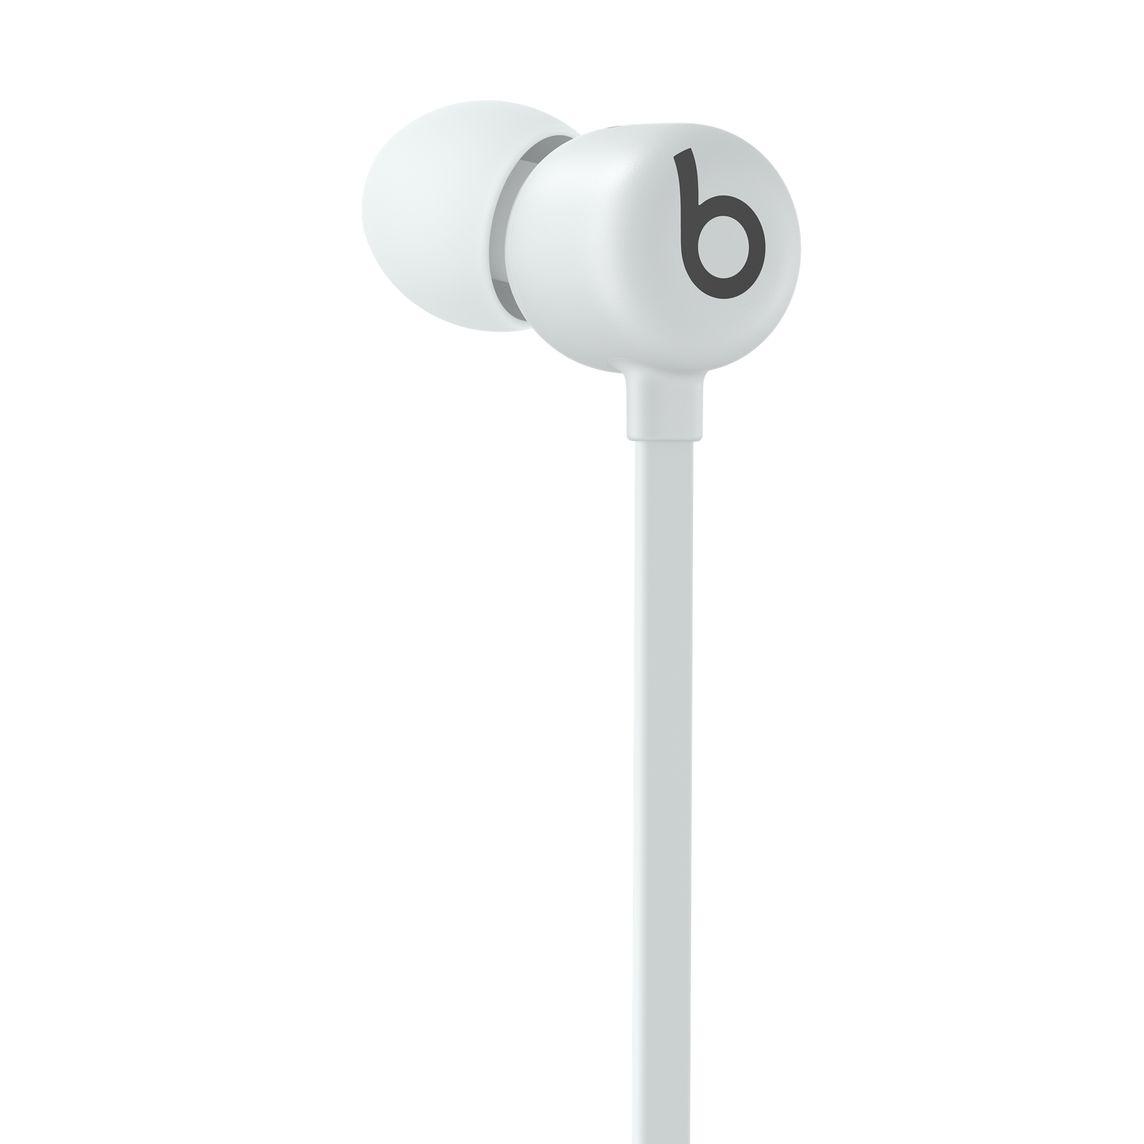 - Audifono In Ear Wireless Flex Beats / Gris 5